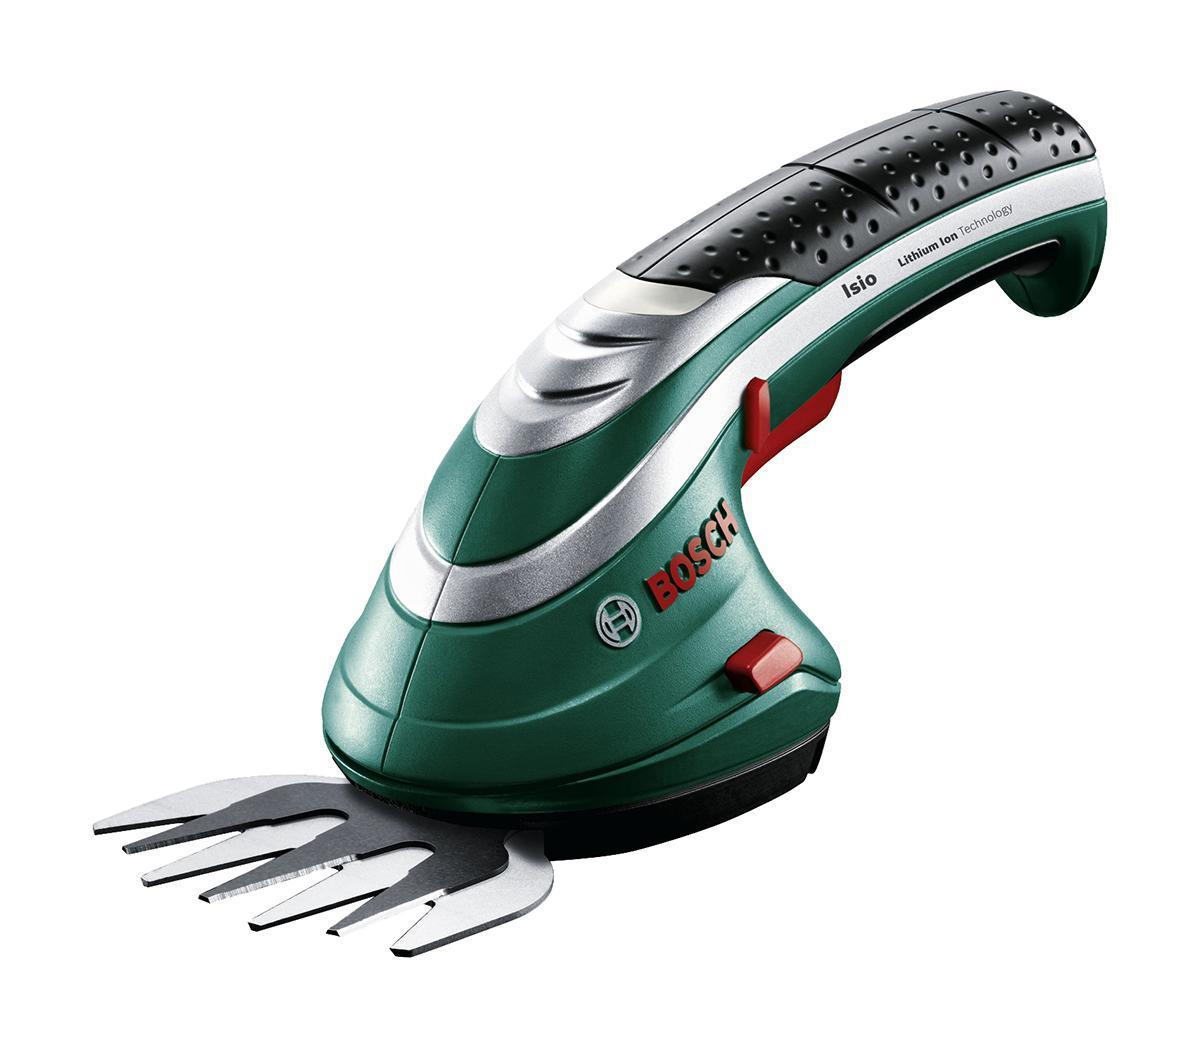 Аккумуляторные ножницы для травы Bosch ISIO 3 + штанга 06008331050600833105